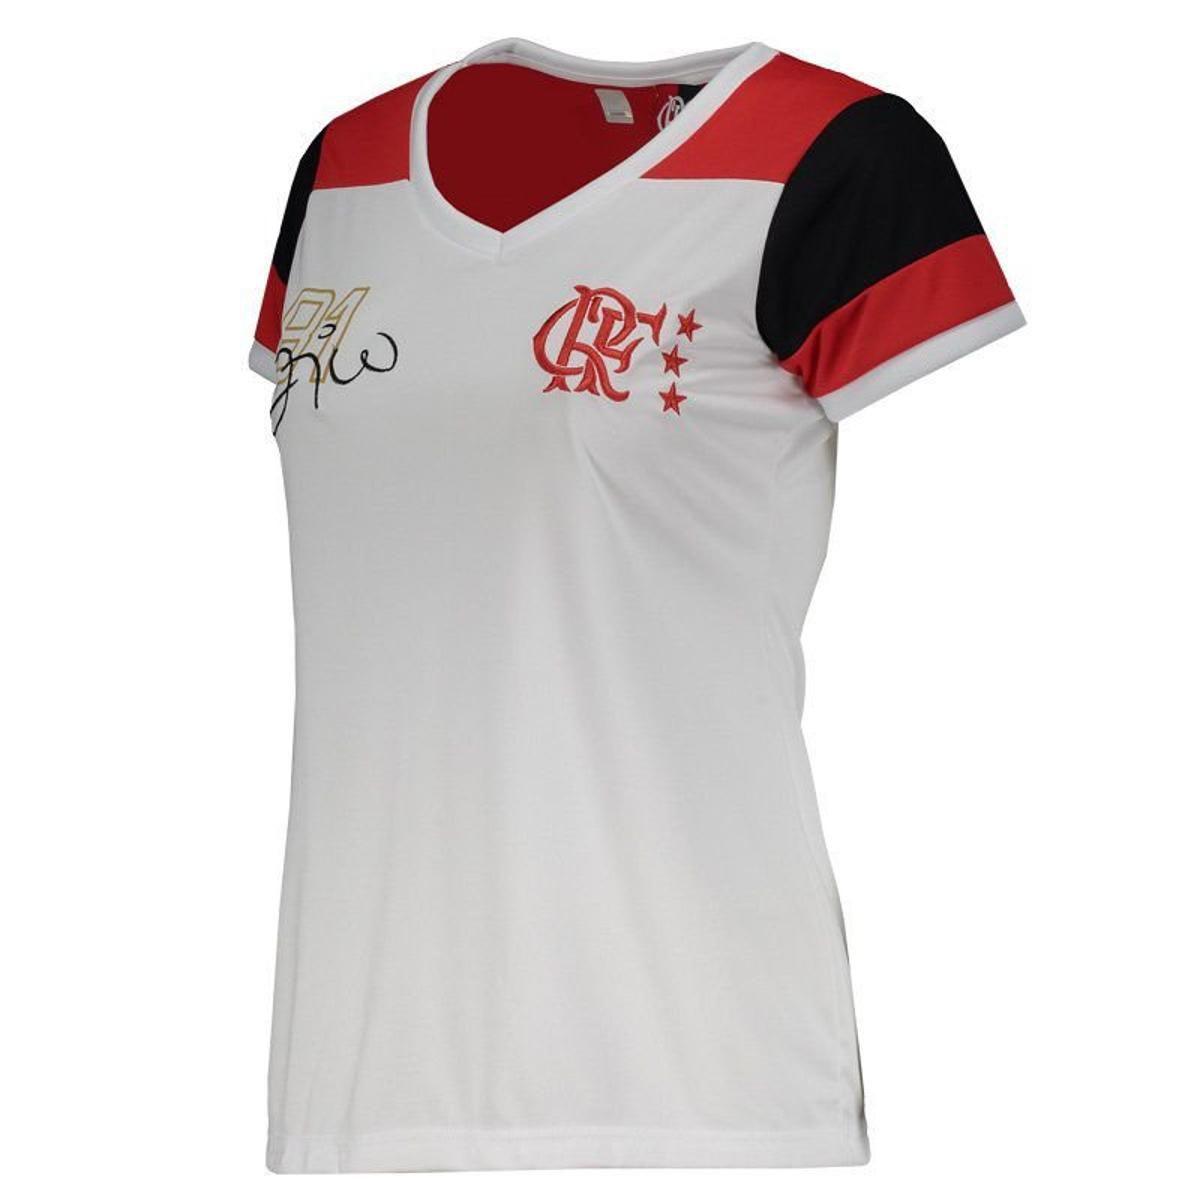 e2fa9f9863cff4 Camisa Braziline Flamengo Zico Retro Feminina - Branco - Titanes Esportes